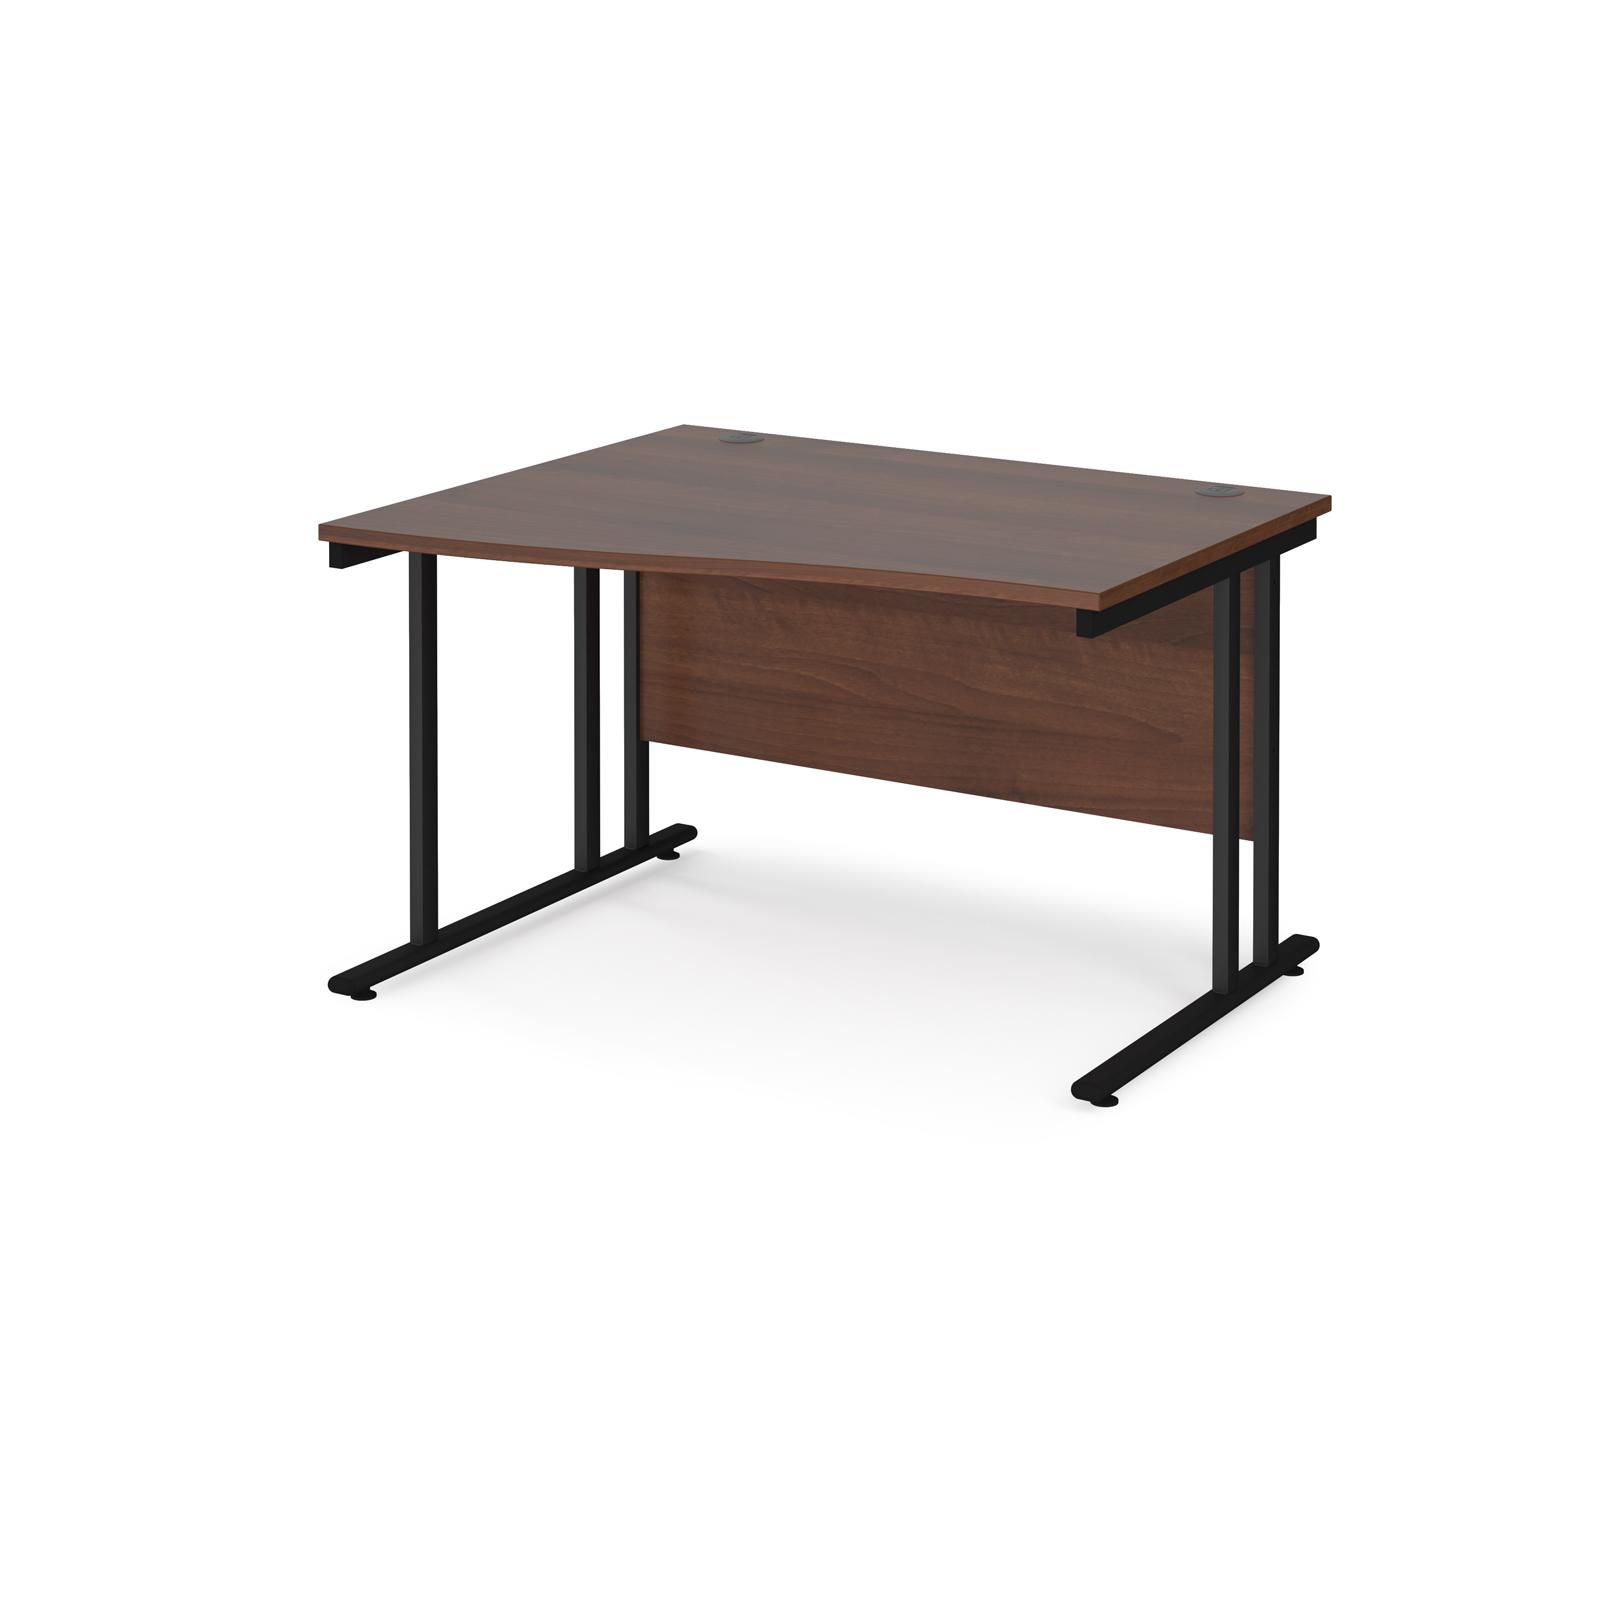 Left Handed Maestro 25 left hand wave desk 1200mm wide - black cantilever leg frame, walnut top